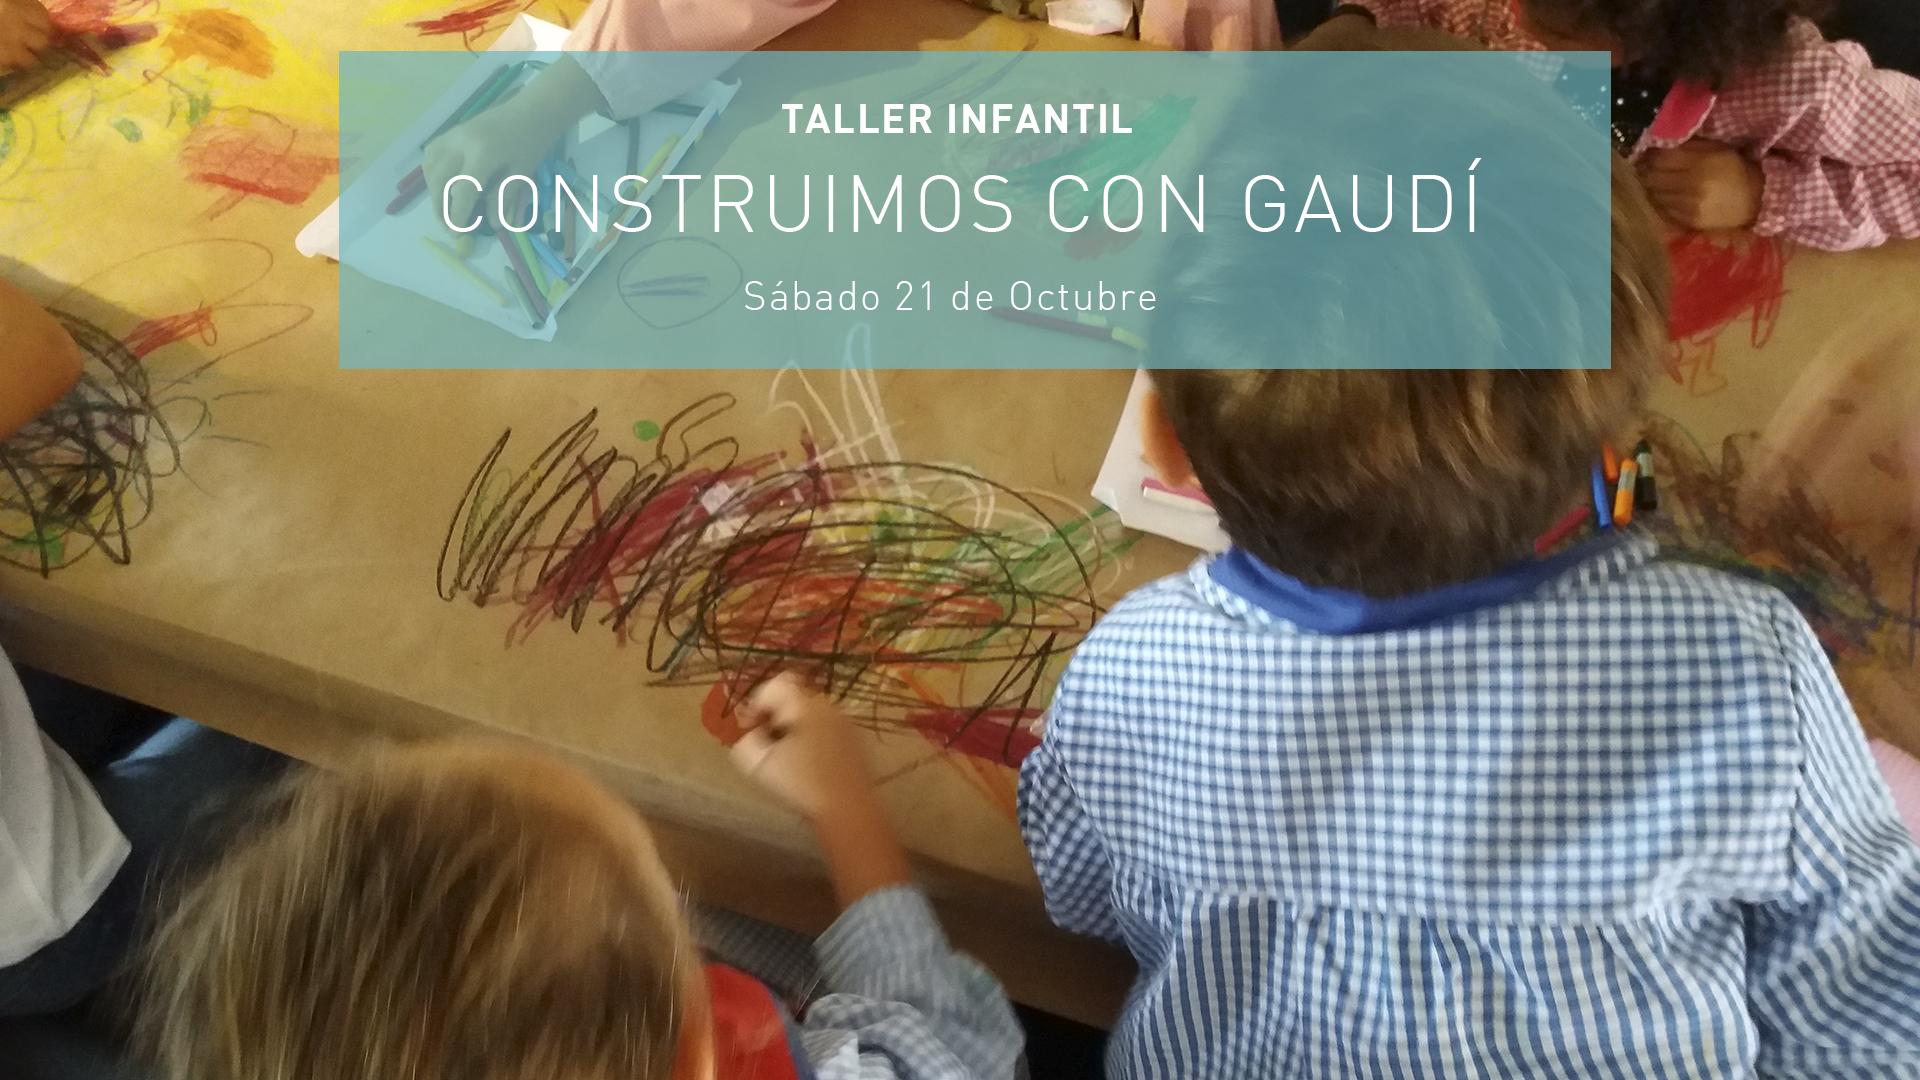 Construimos con Gaudi